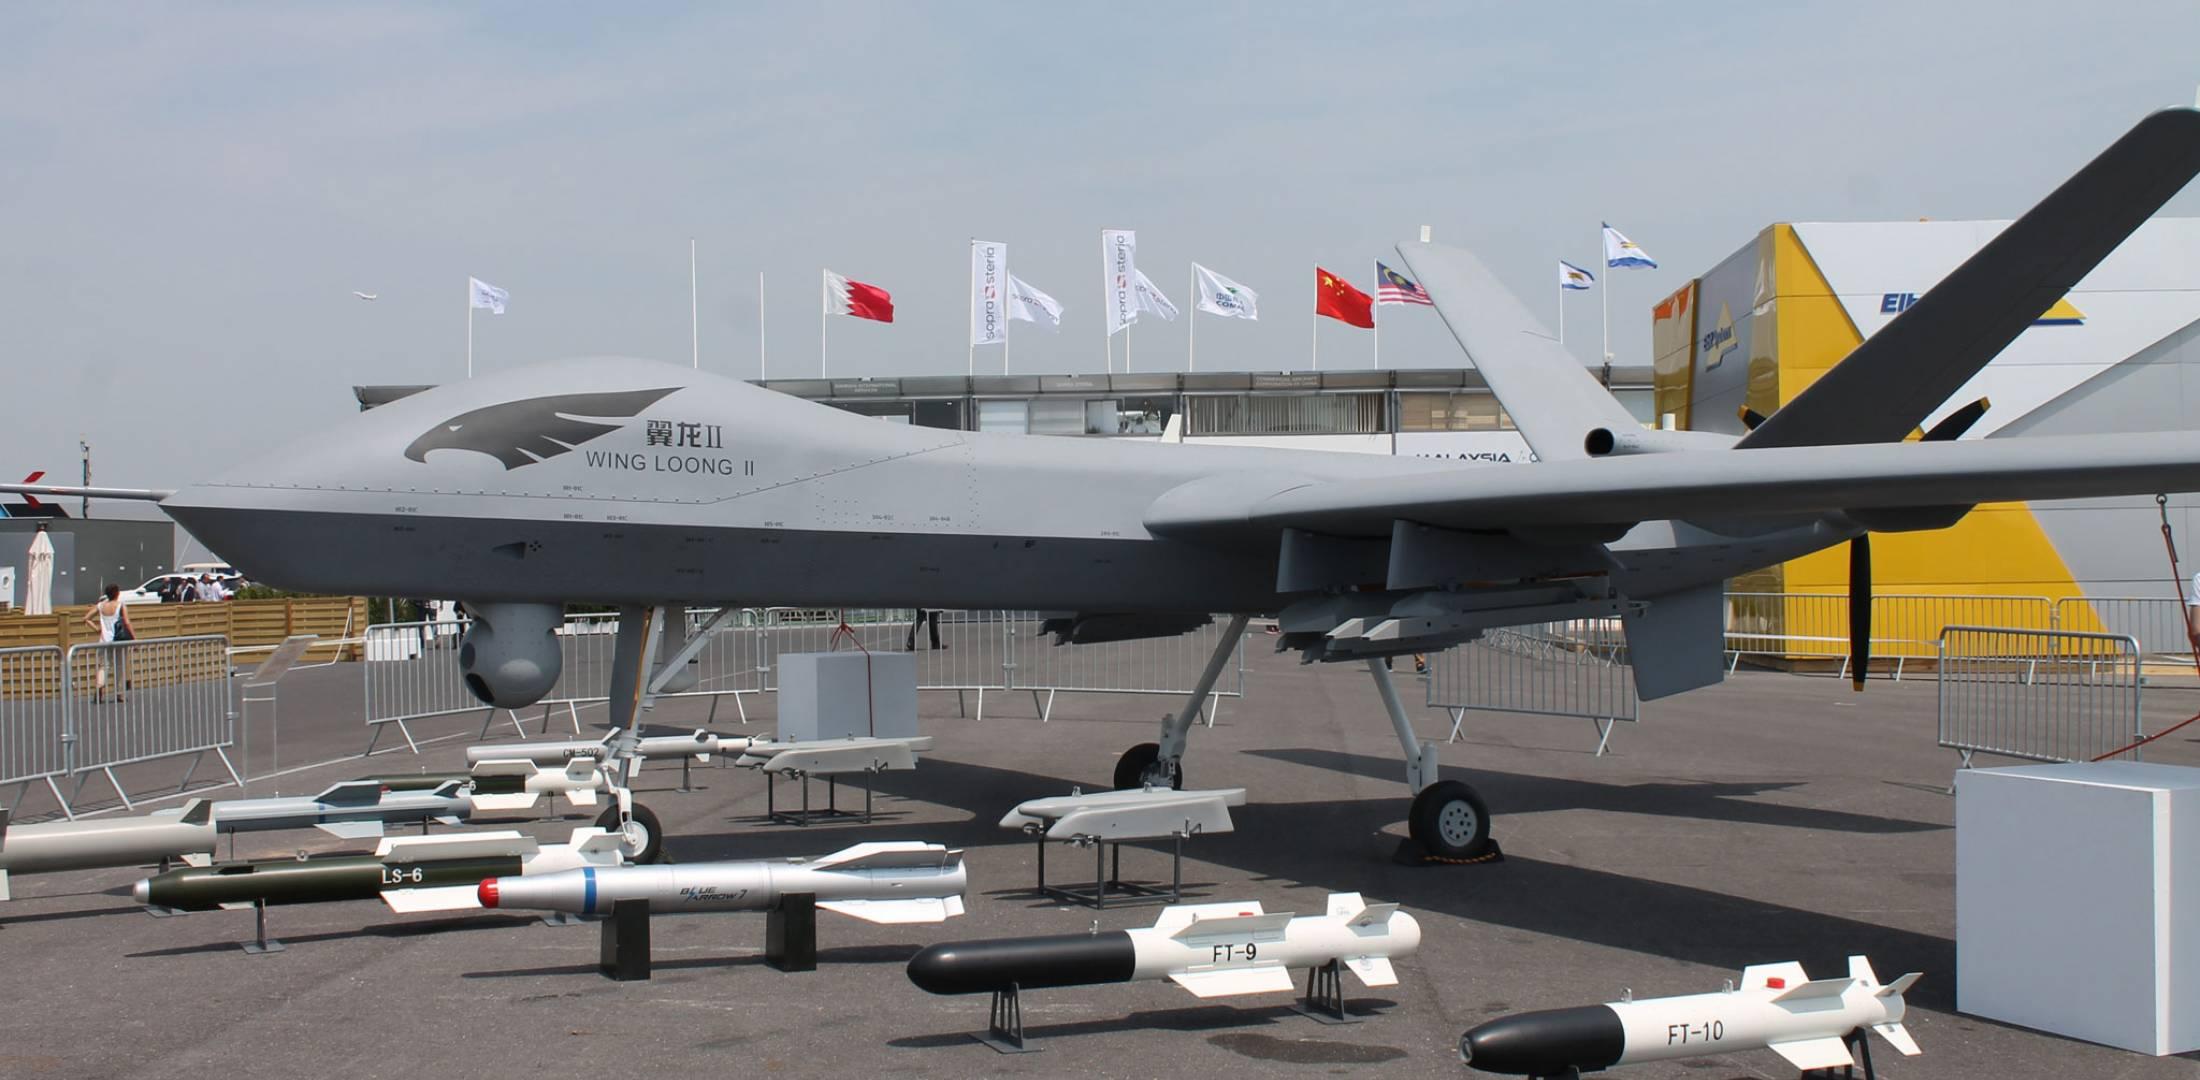 تحقيق للأمم المتحدة حول دعم الإمارات لقوات حفتر بالطائرات الهجومية المسيرة